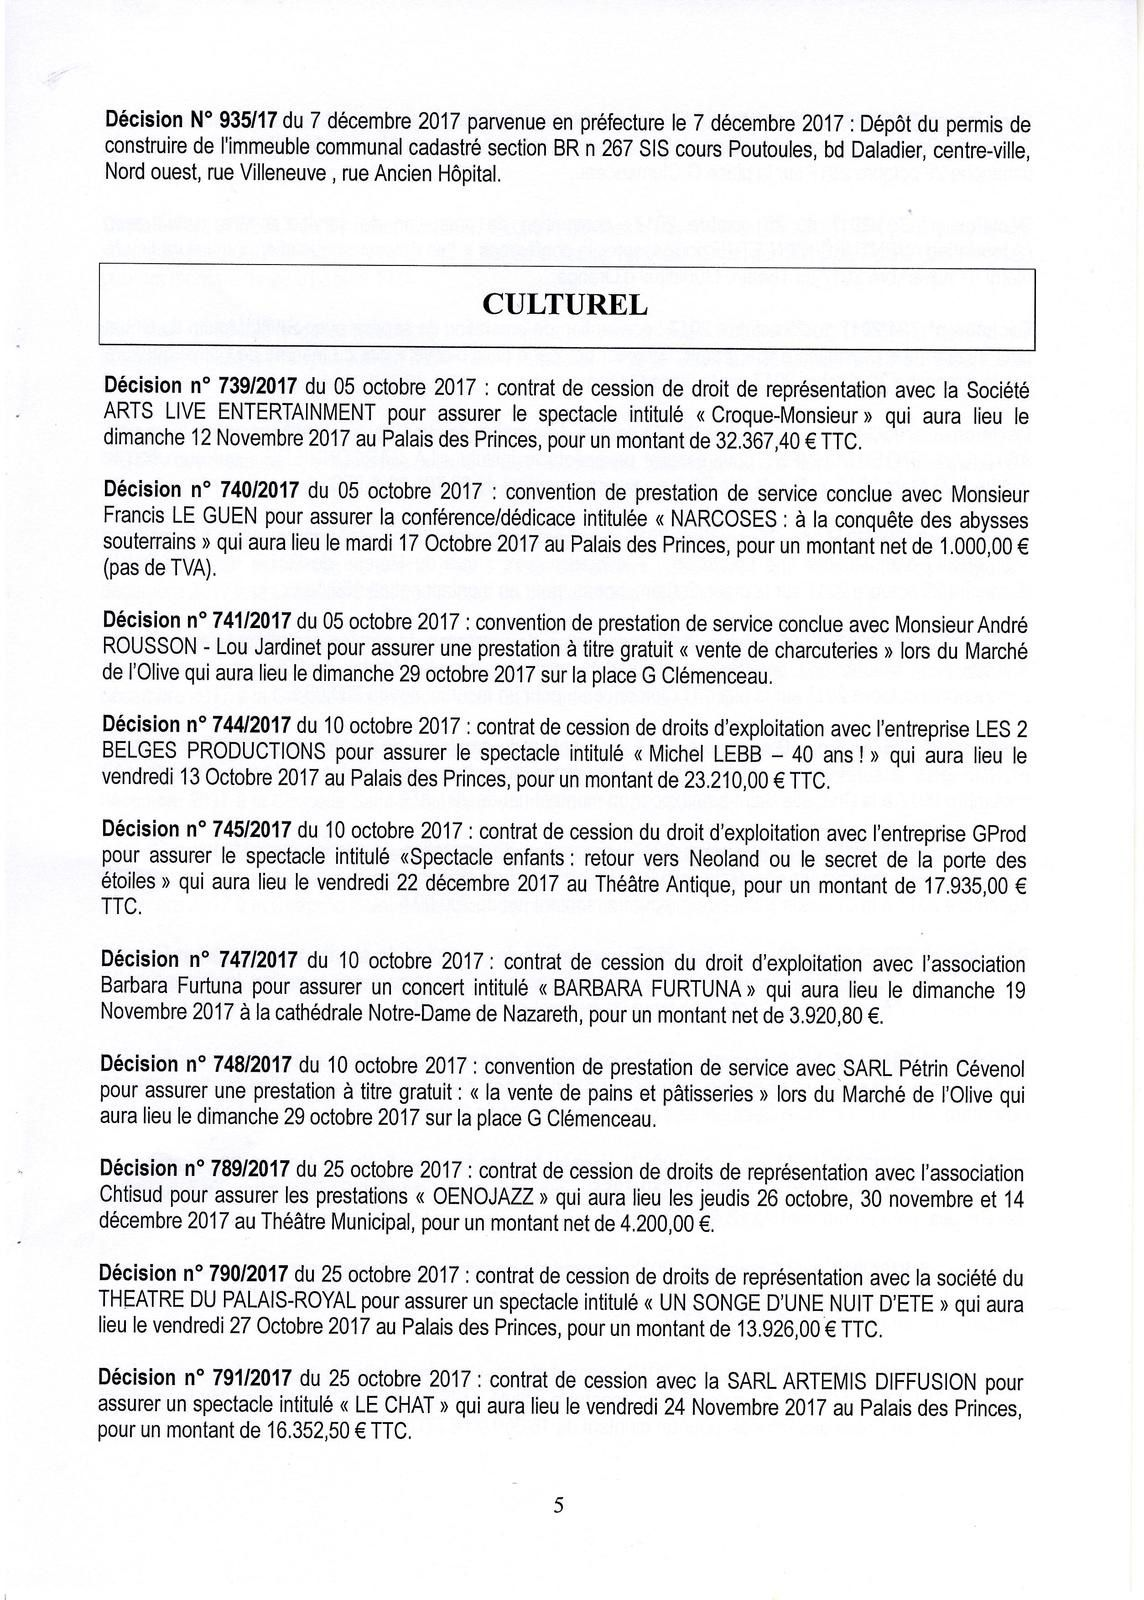 Listing Des Decisions Du Maire Le Blog D Orange Autrement